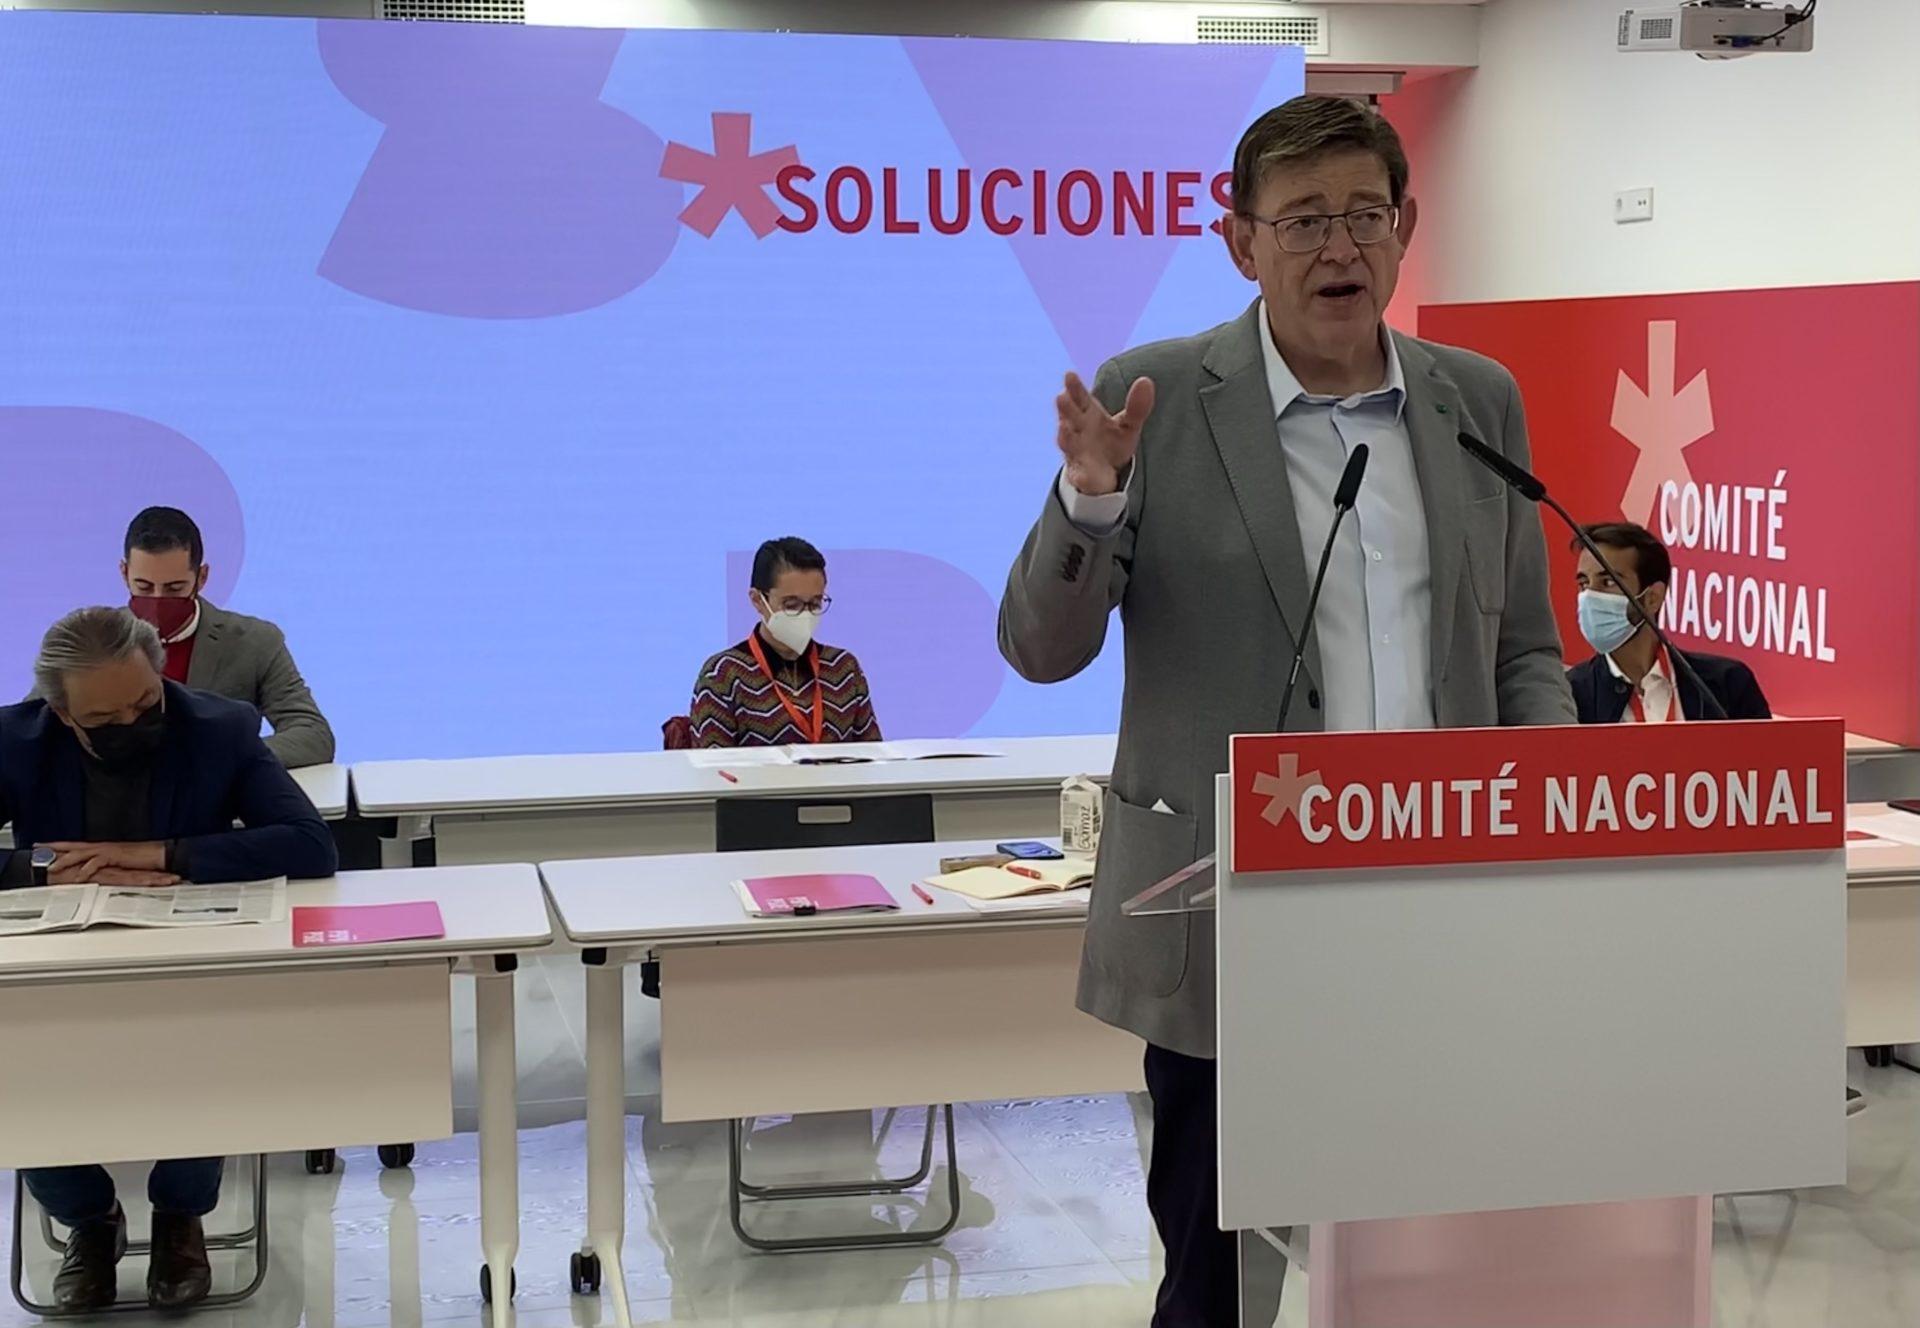 Ximo Puig Comité Nacional